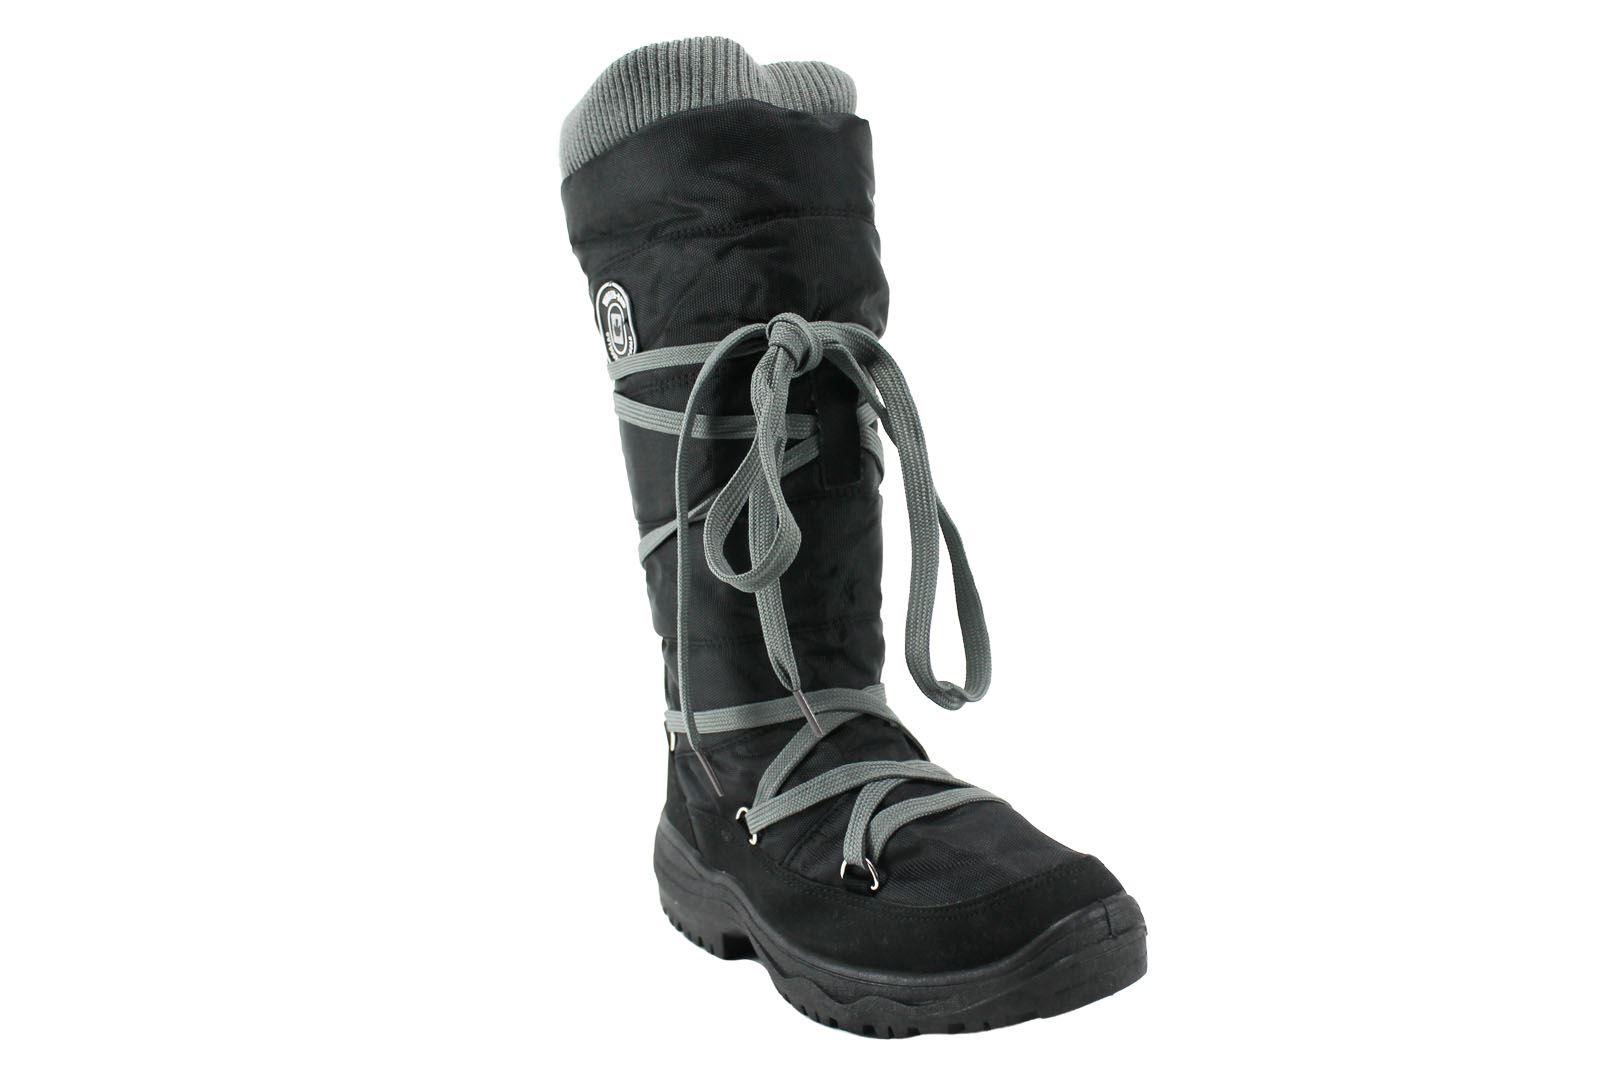 Womens-Schreuders-Sport-Lumbertrotter-Snowboots-Winter-Grip-UK-2-5-7